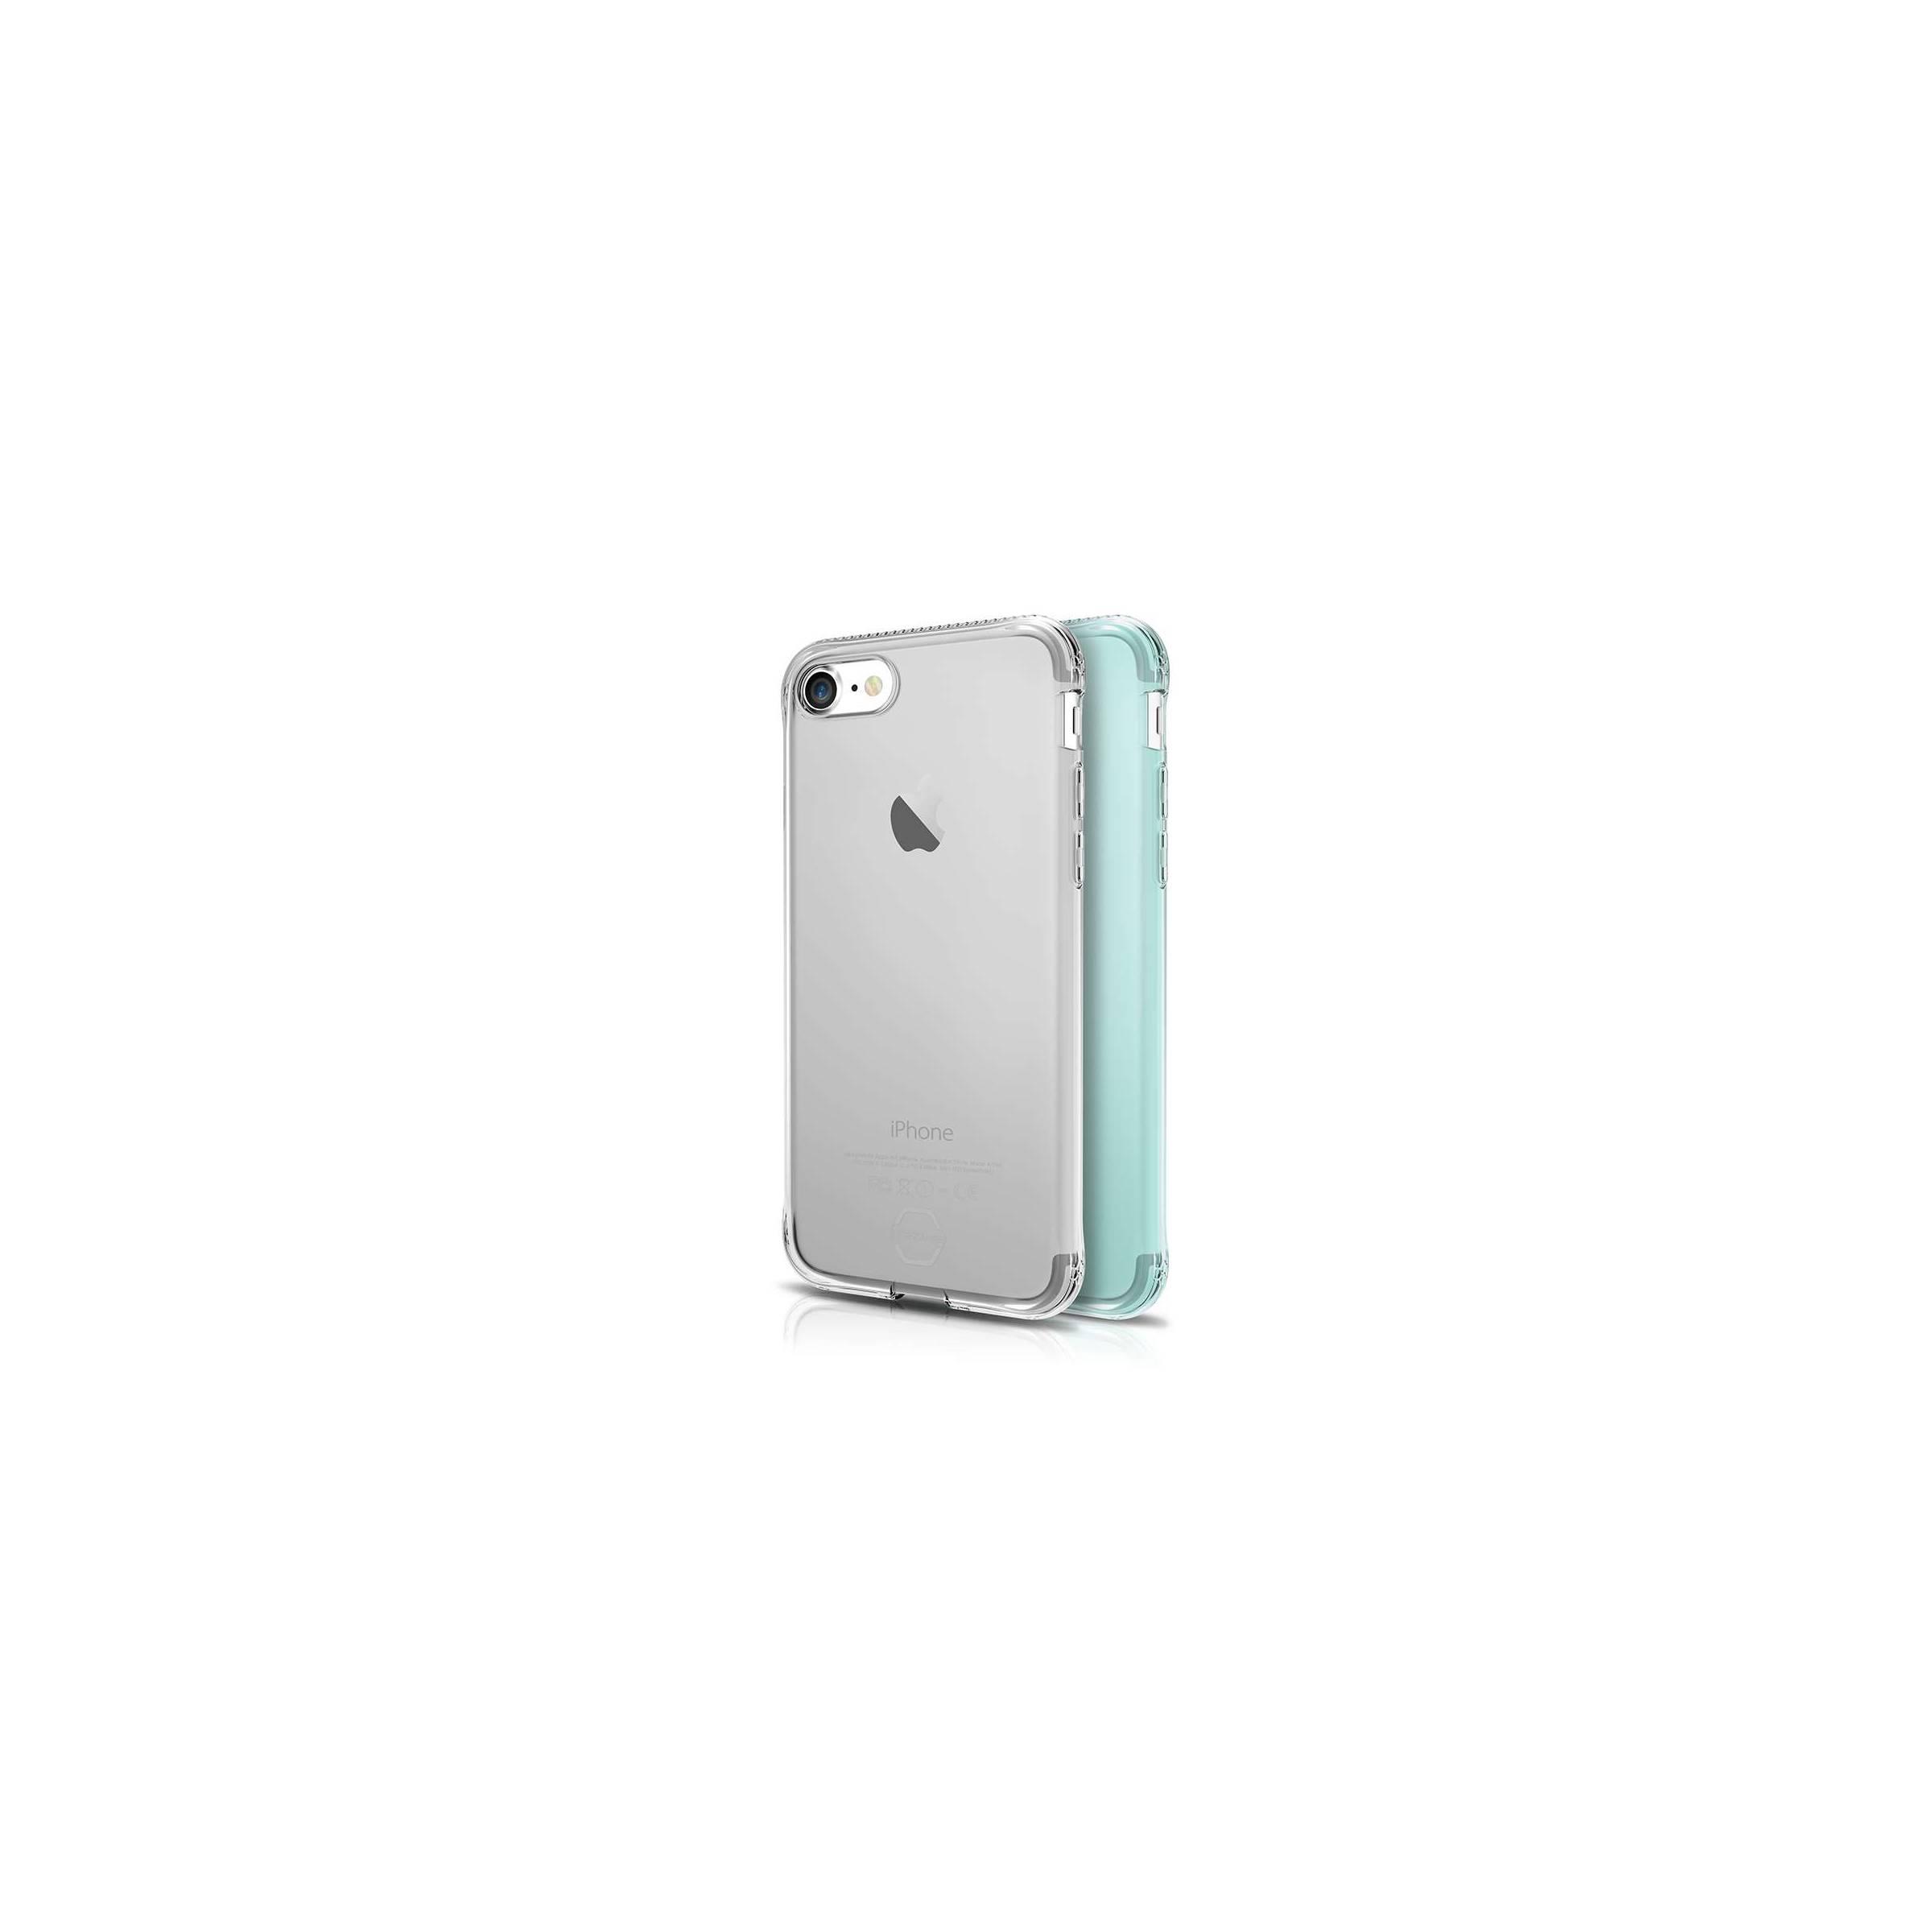 itskins Itskins slim silikone protect gel iphone 7 & 8 plus cover dobbelt 2x pakke farve klar & grøn på mackabler.dk